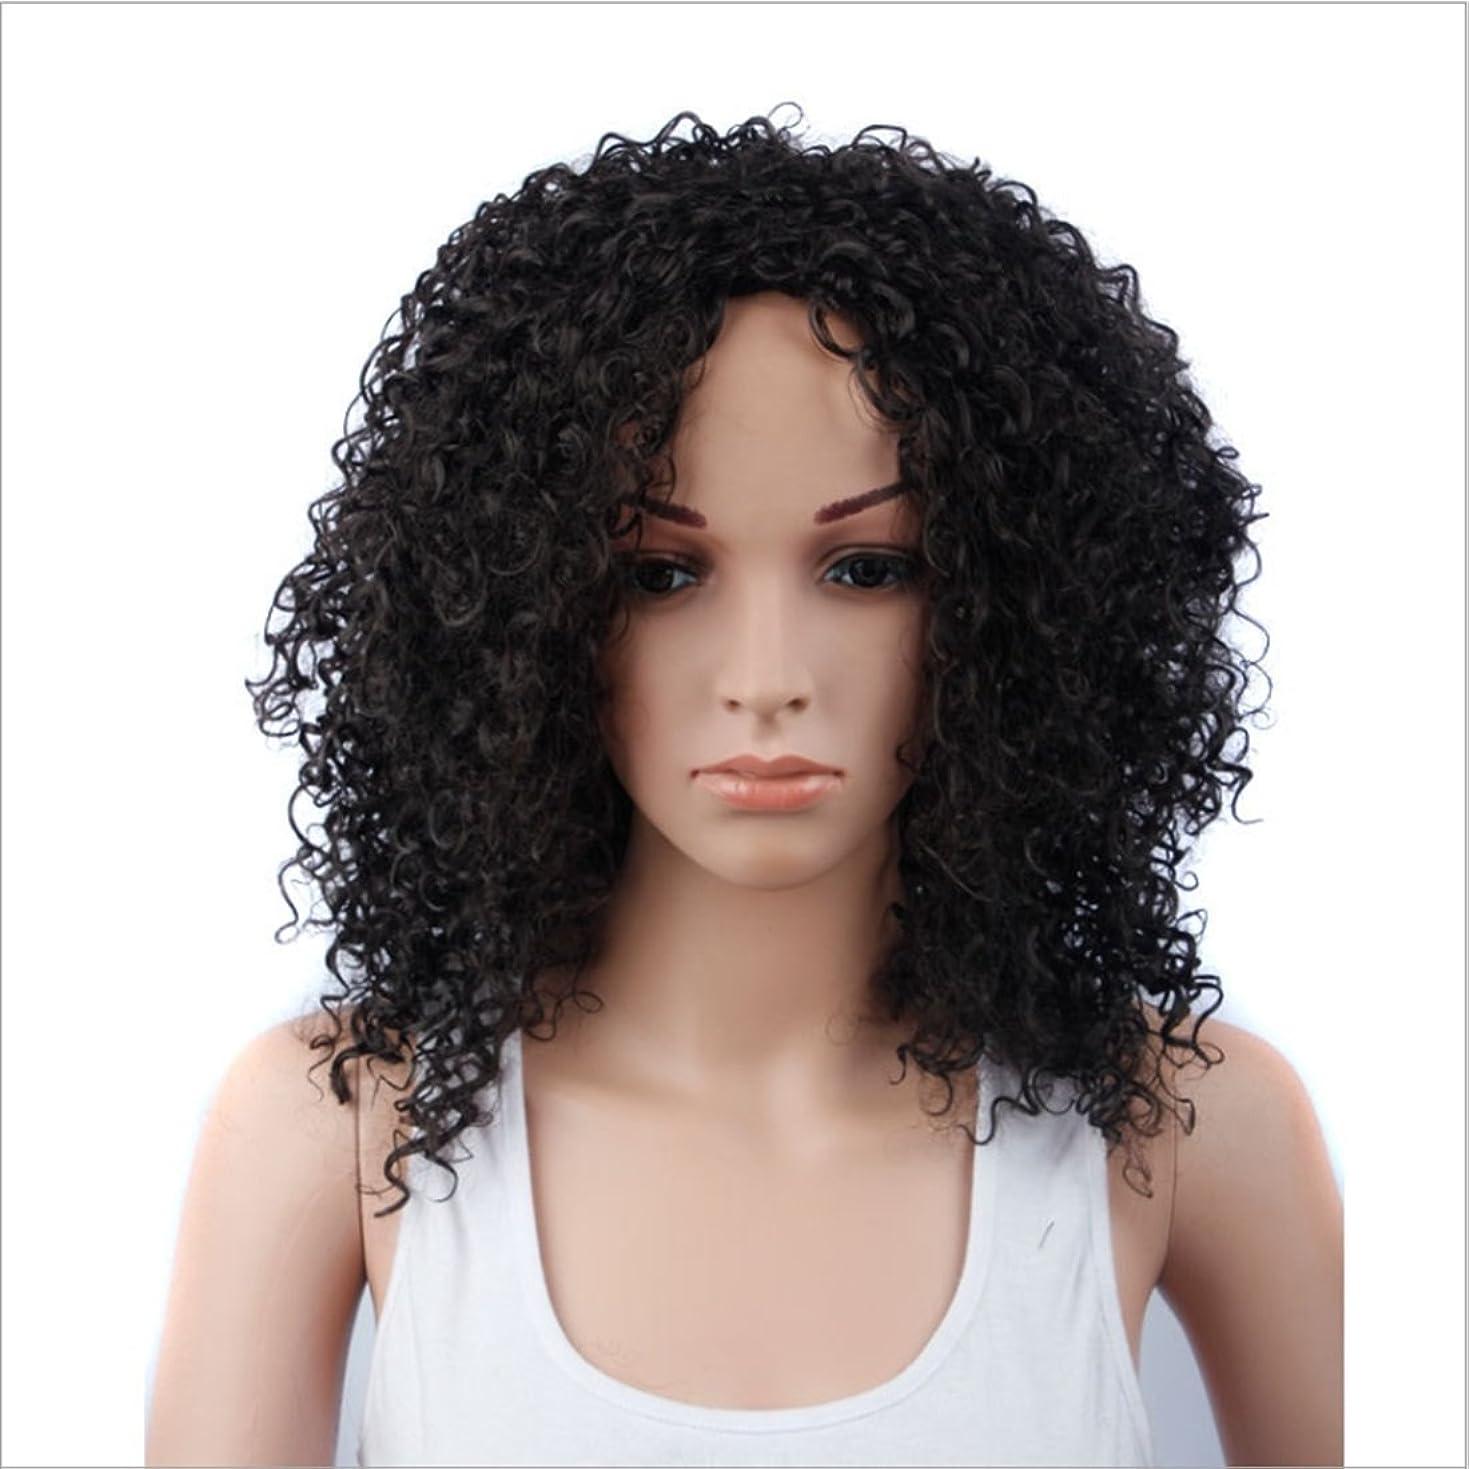 男やもめ陪審紫のKoloeplf 女性のための15inch合成高温ウィッグロングバンズの短いカーリーウィッグヘアナチュラルカラーウィッグ耐熱性210g(ワインレッド、ブラック) (Color : ブラック)